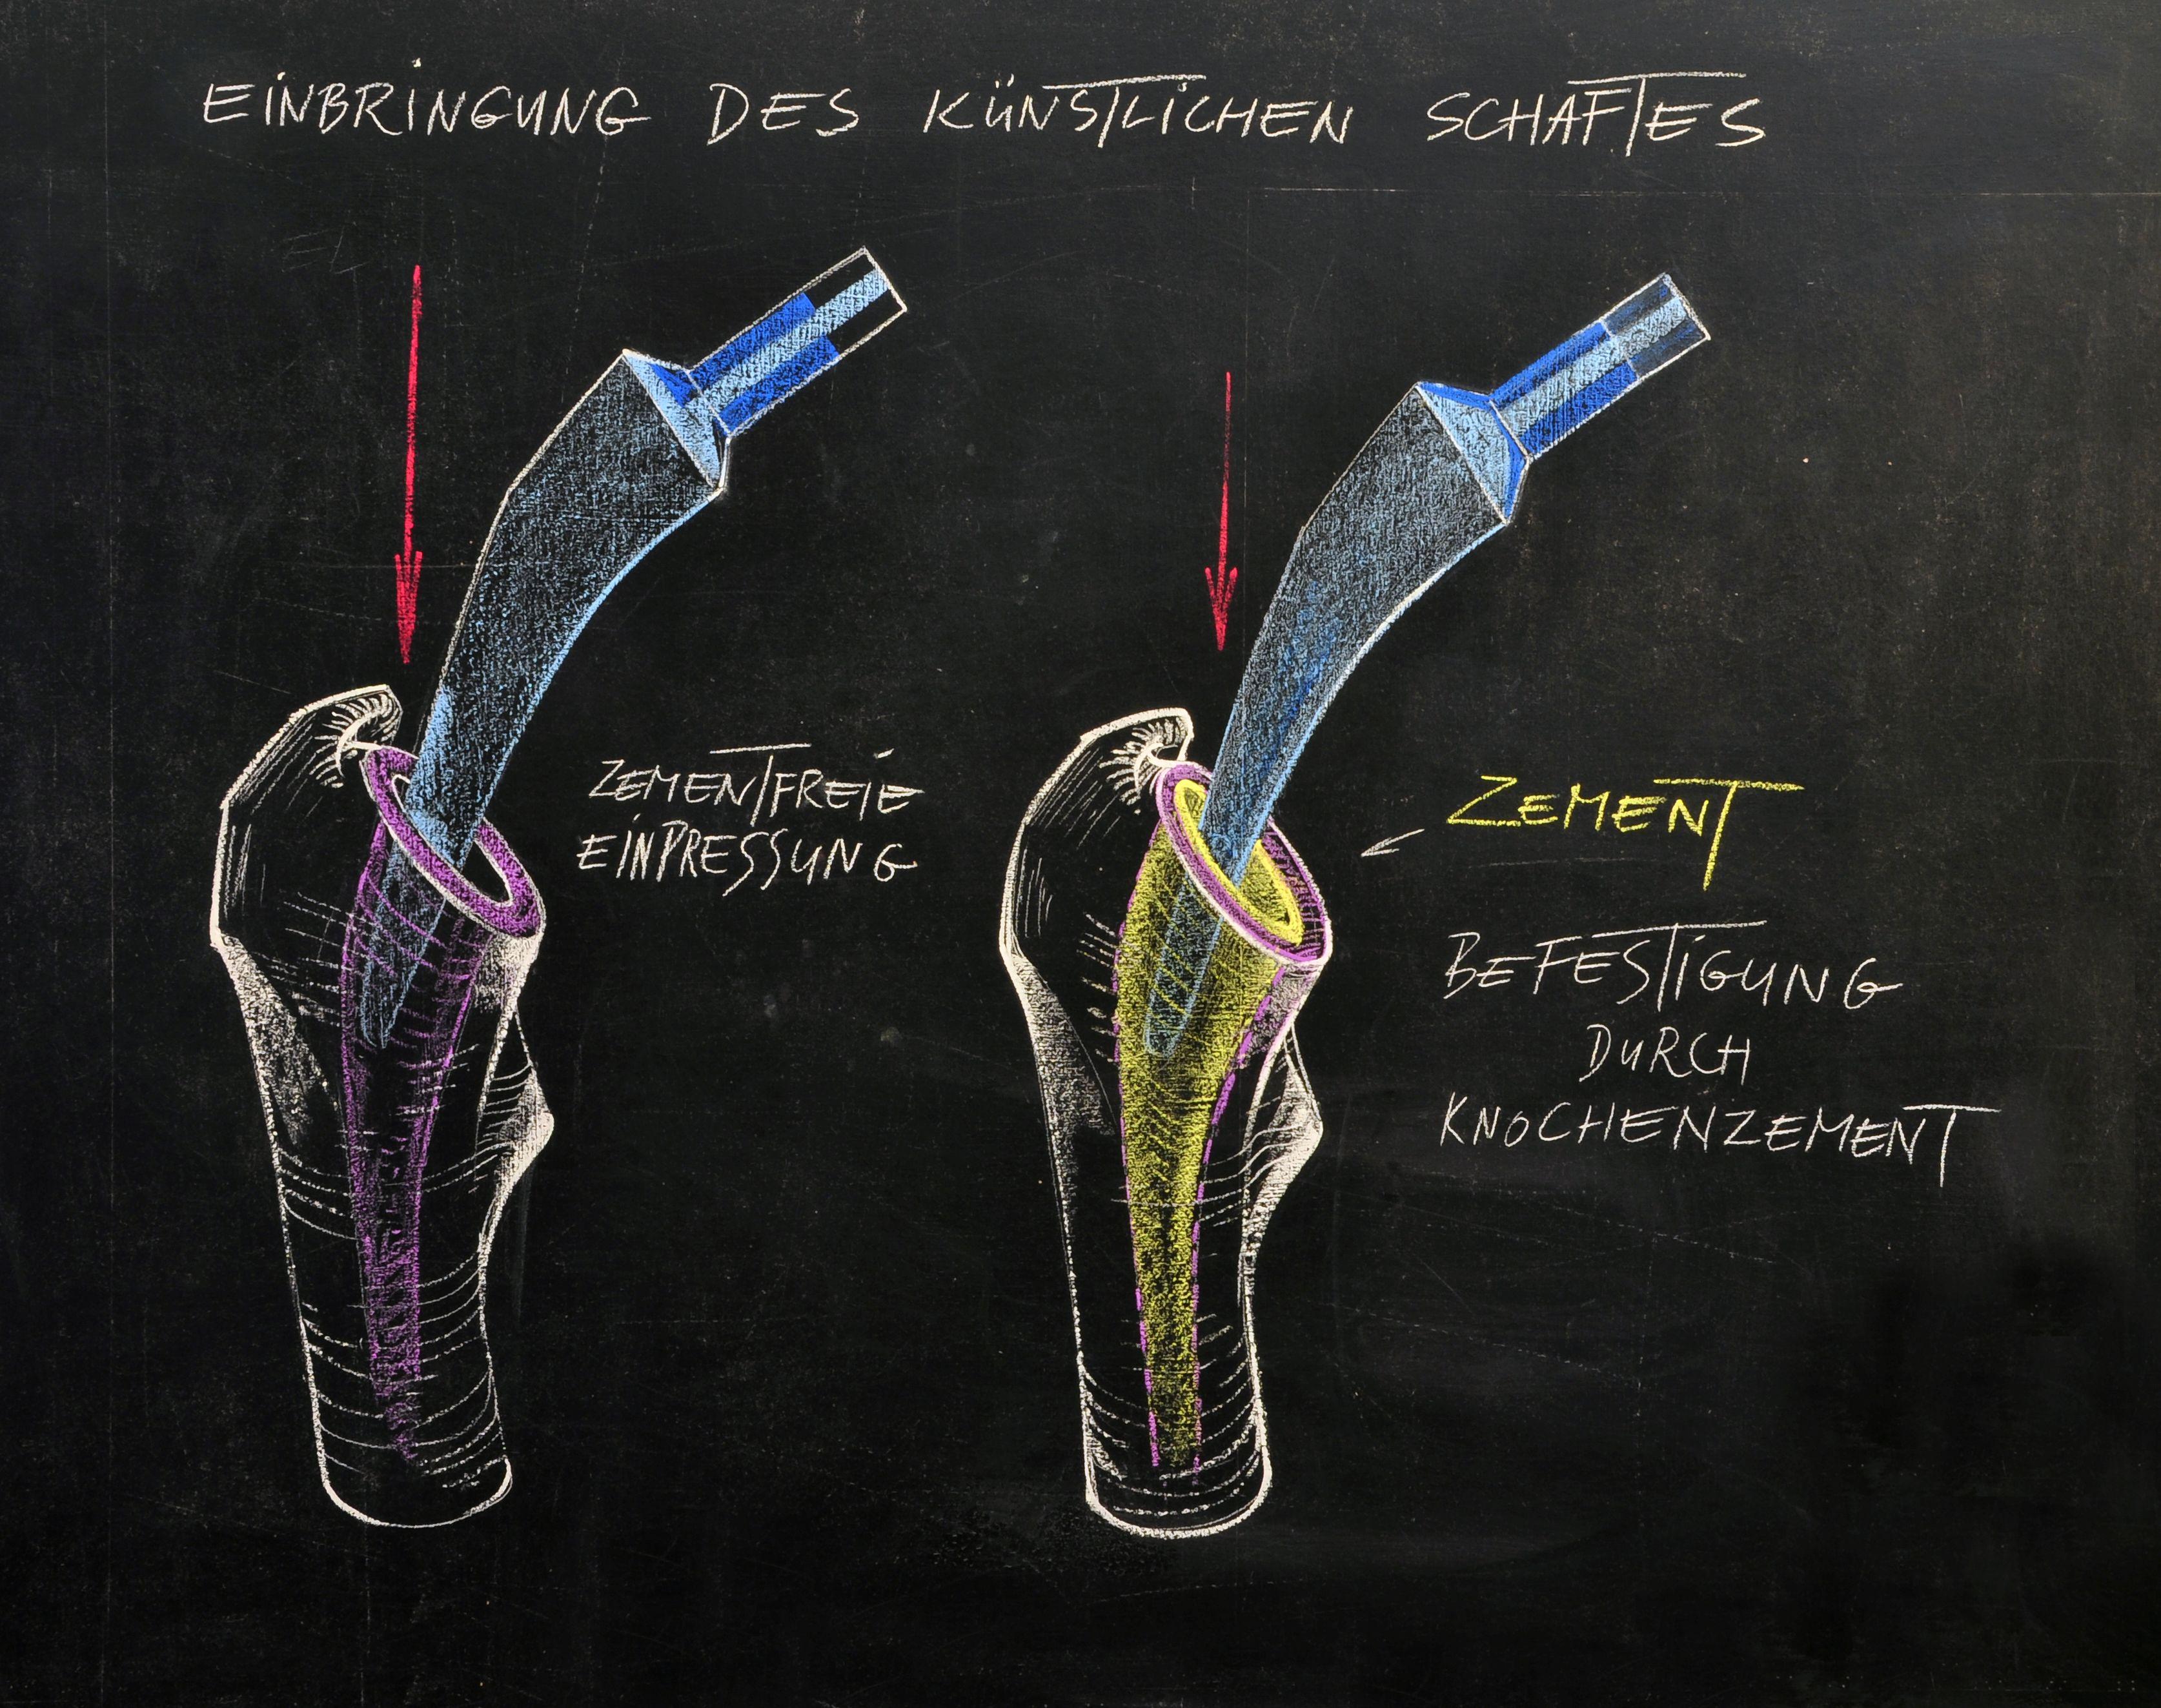 Einpressen eines zementfreien Schaftes (linke Bildhälfte) oder eines zementierten Schaftes unter Befestigung mit Knochenzement (re. Bildhälfte)